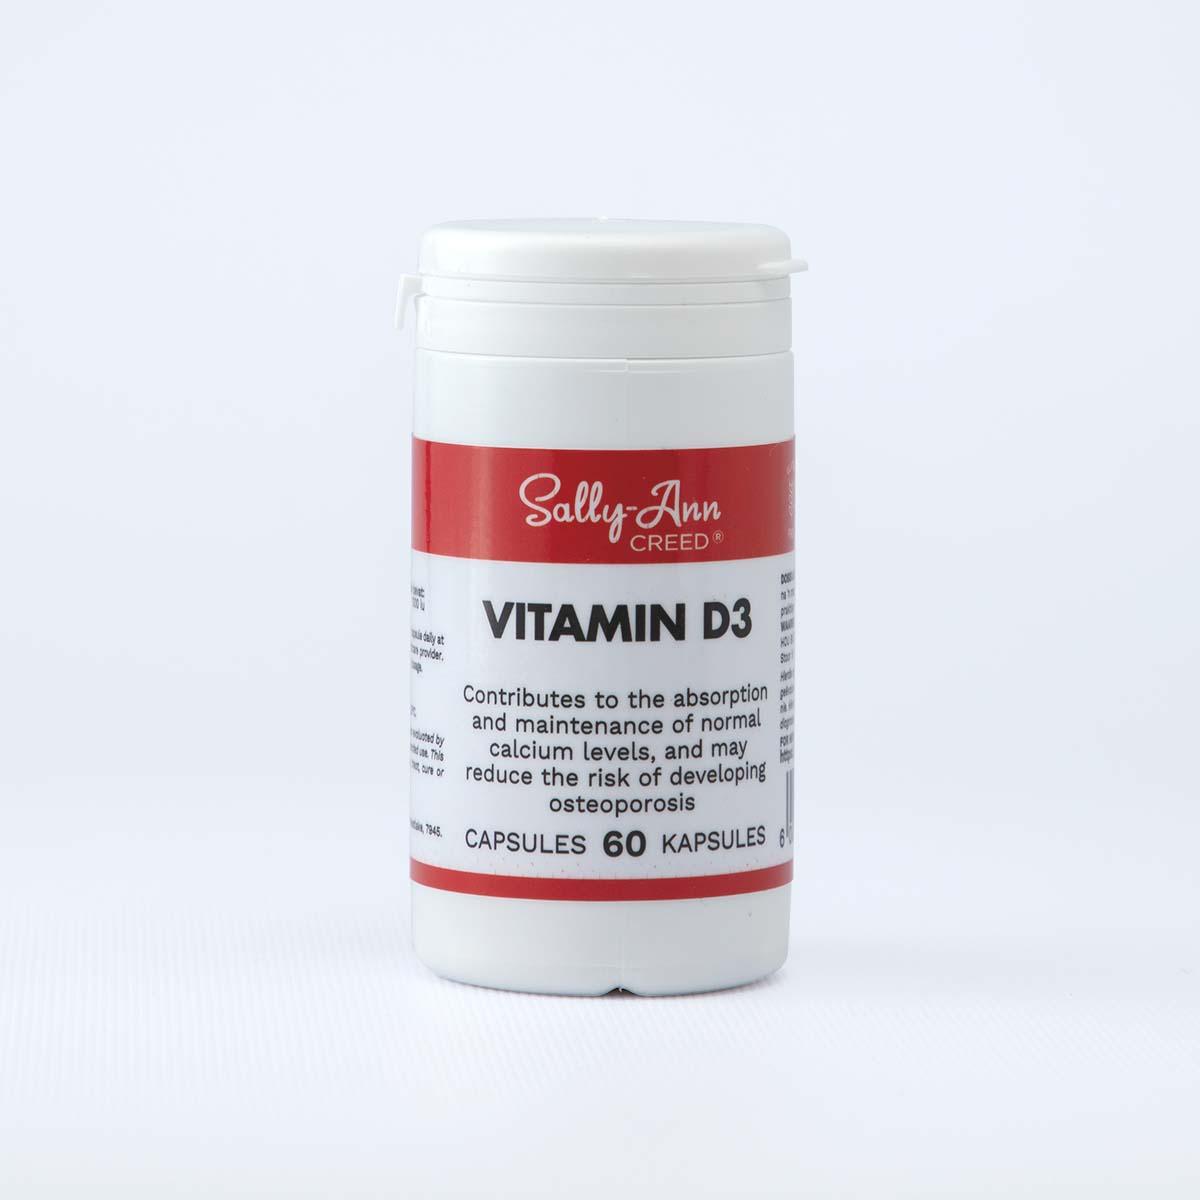 Sally-Ann Creed Vitamin D3